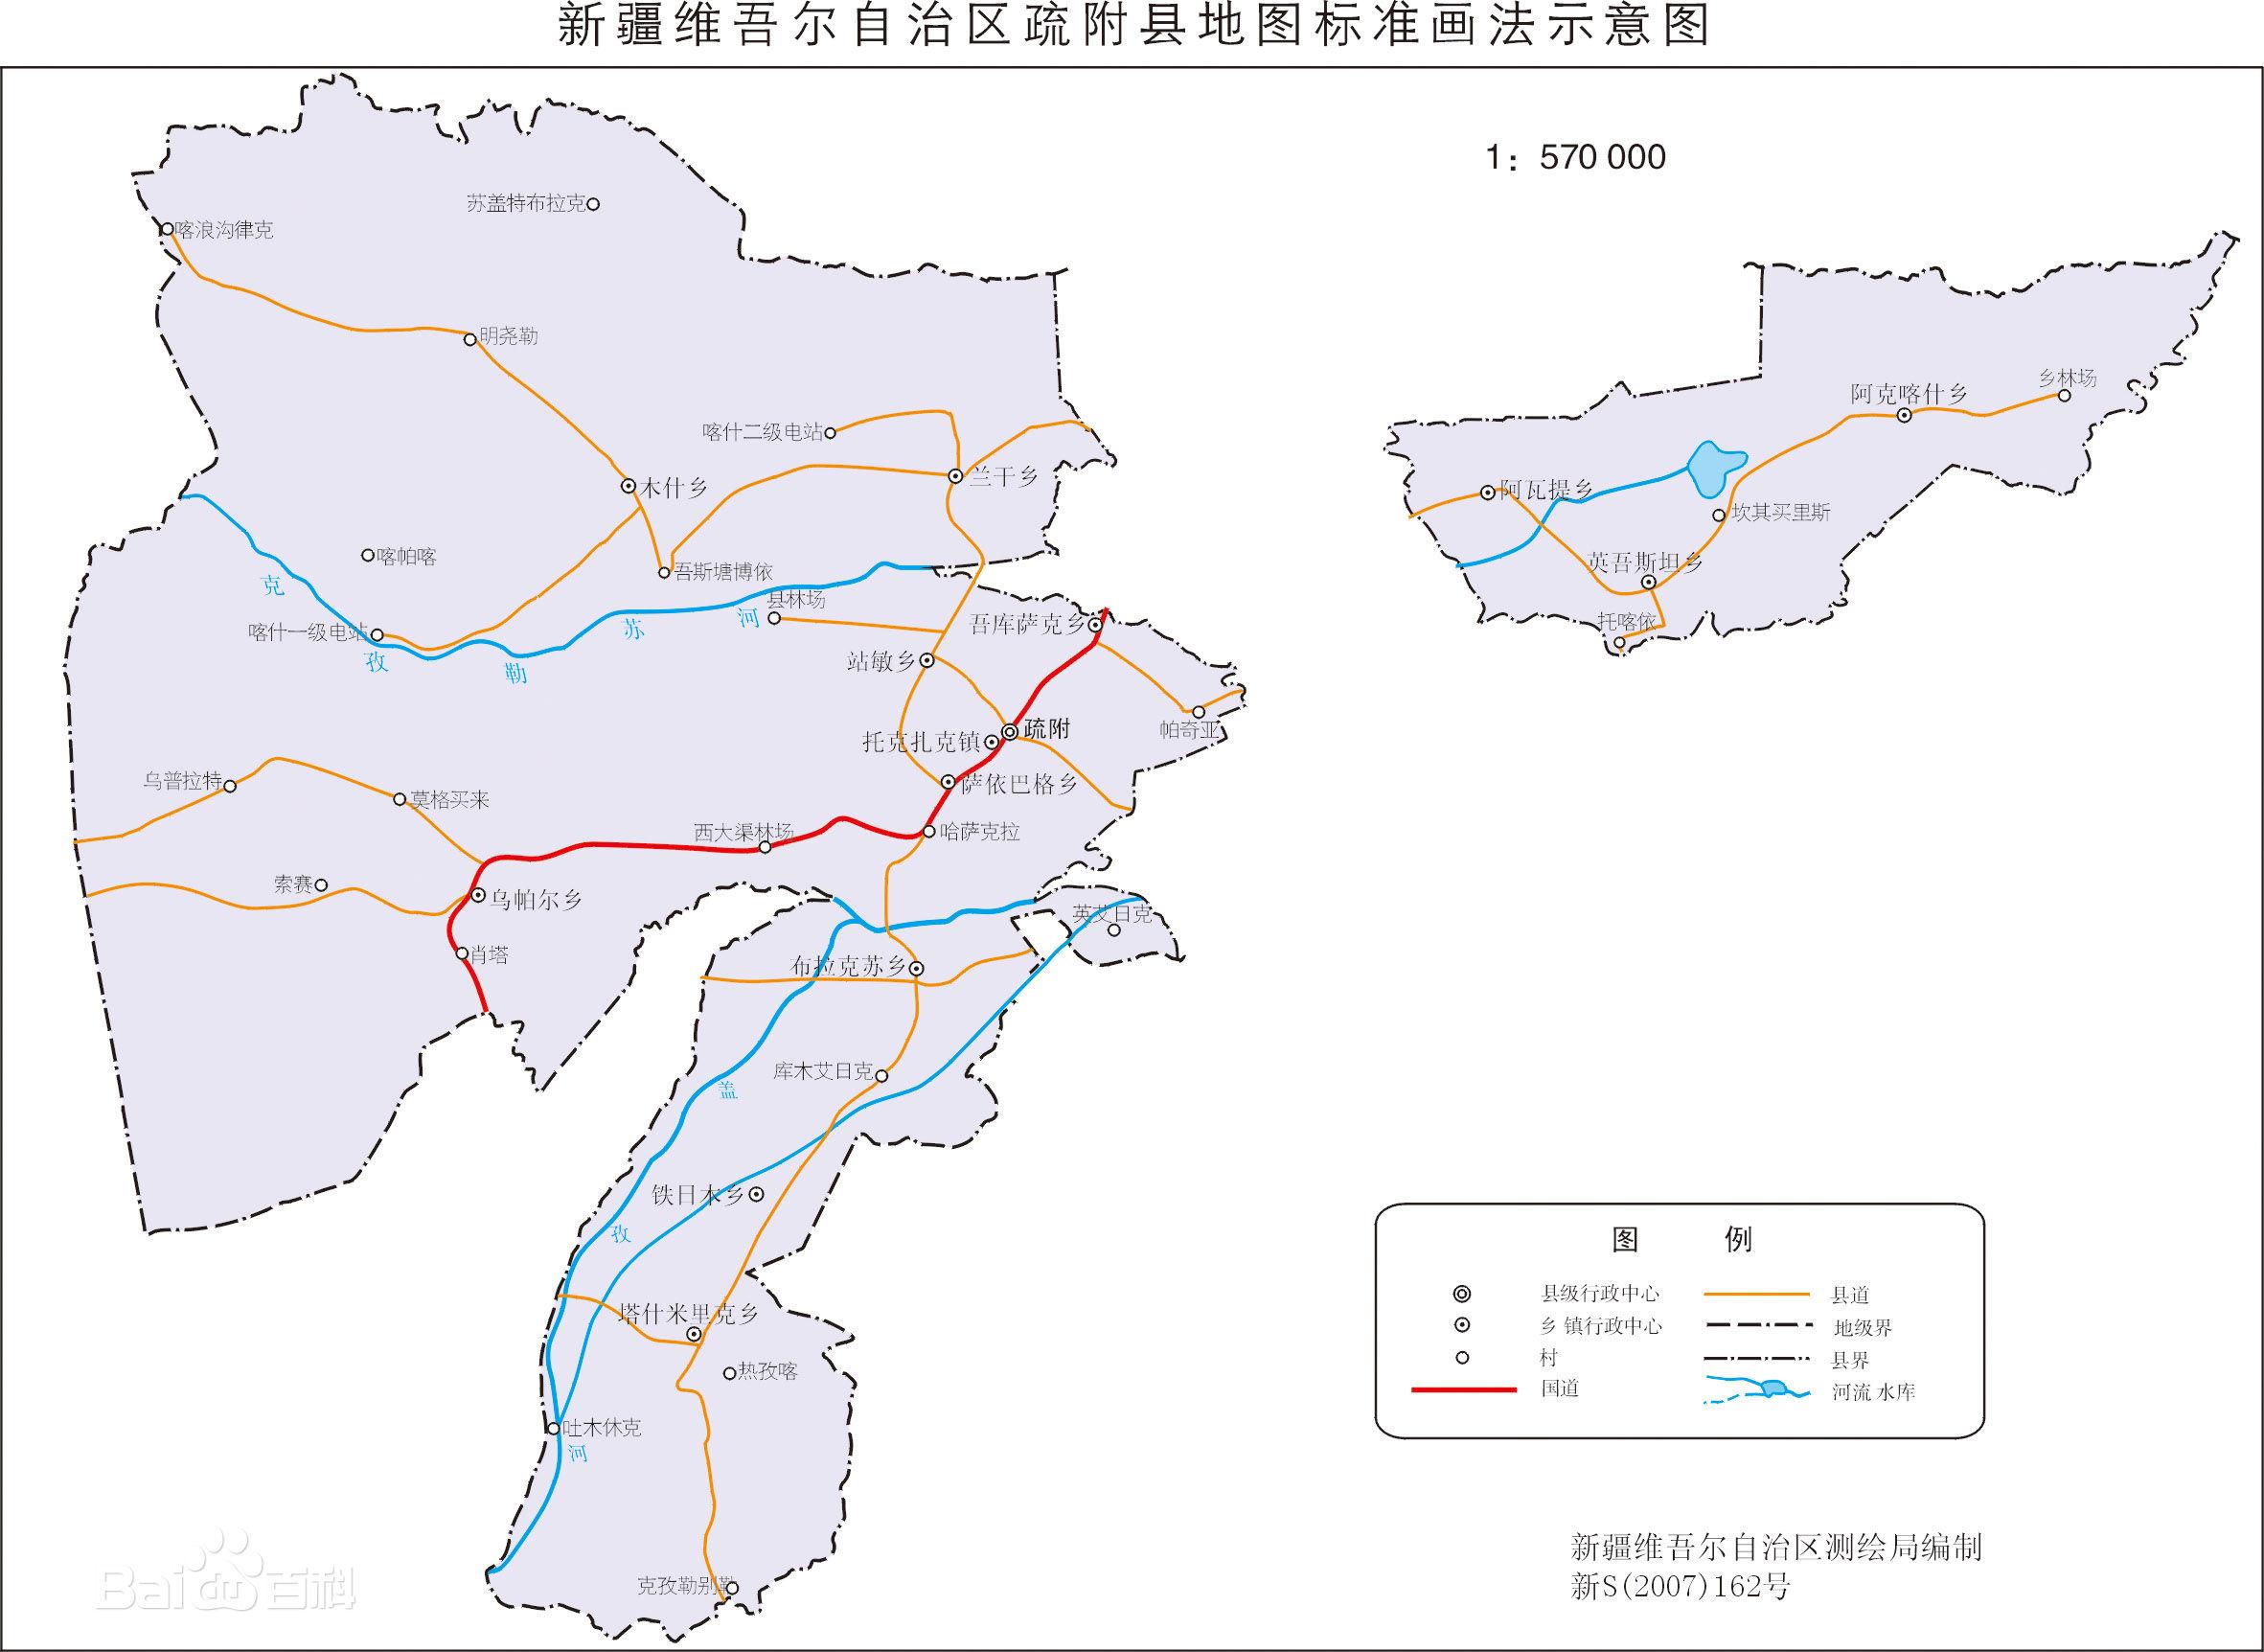 疏附县阿瓦提乡正式划归喀什市管辖图片